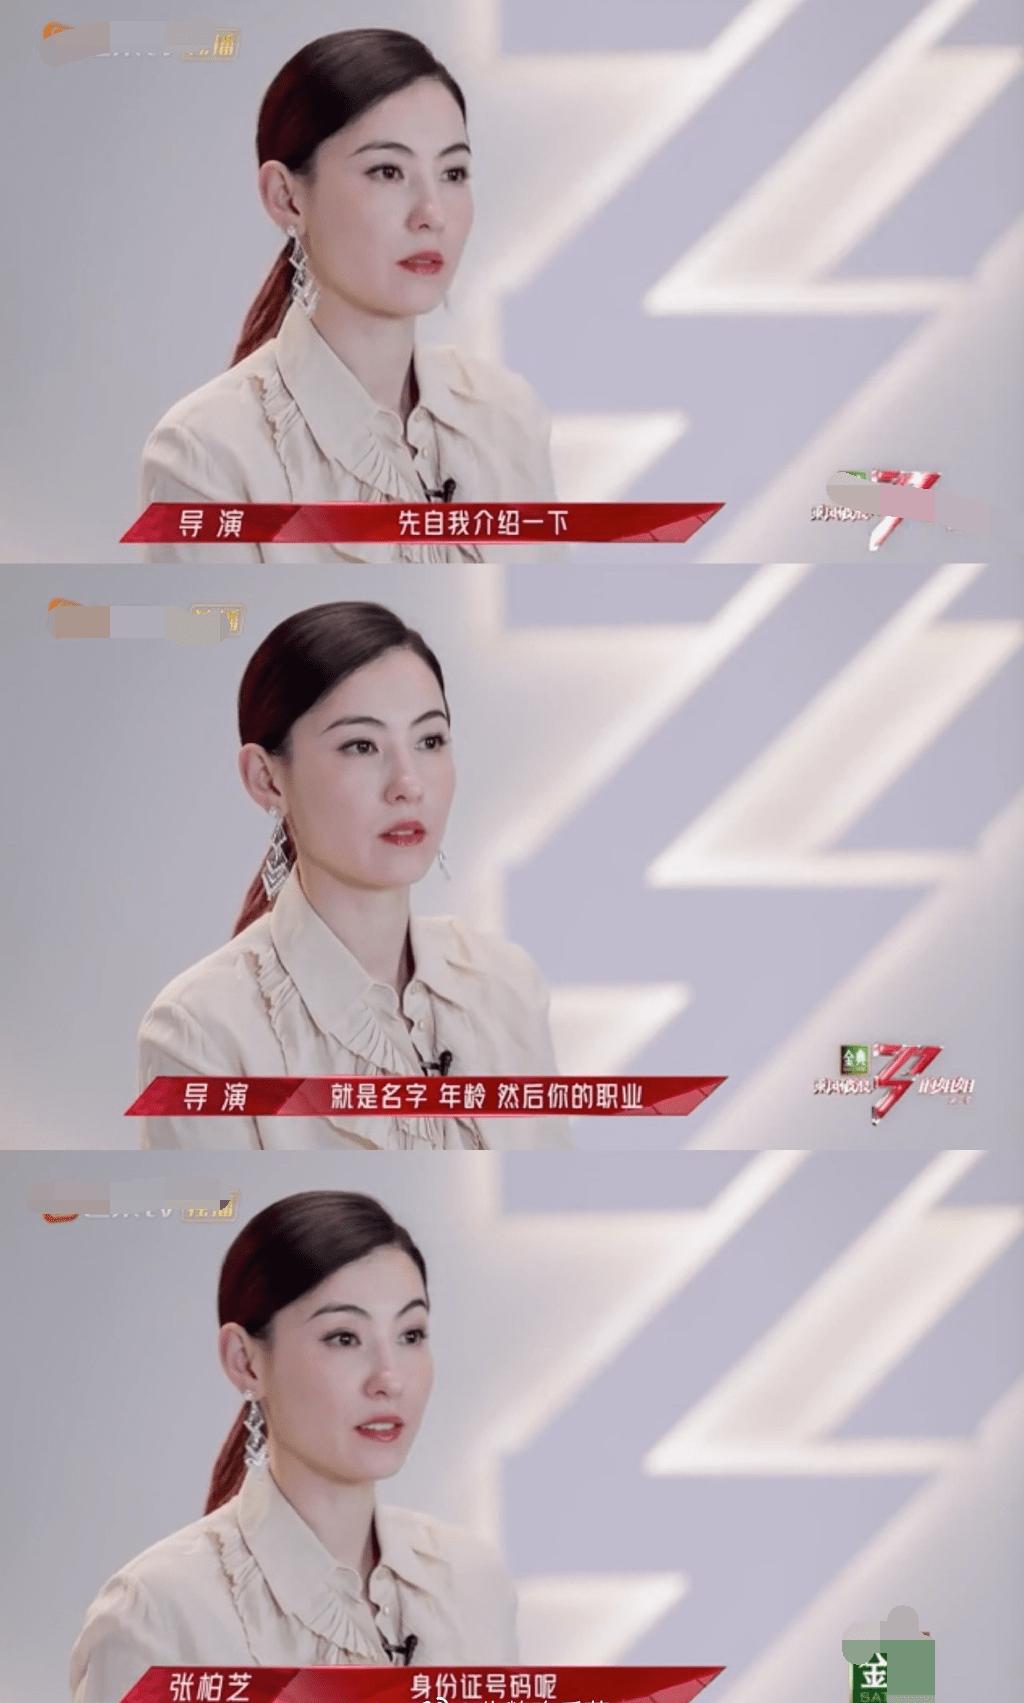 张柏芝问自我介绍要不要报身份证号 网友:姐是实在人